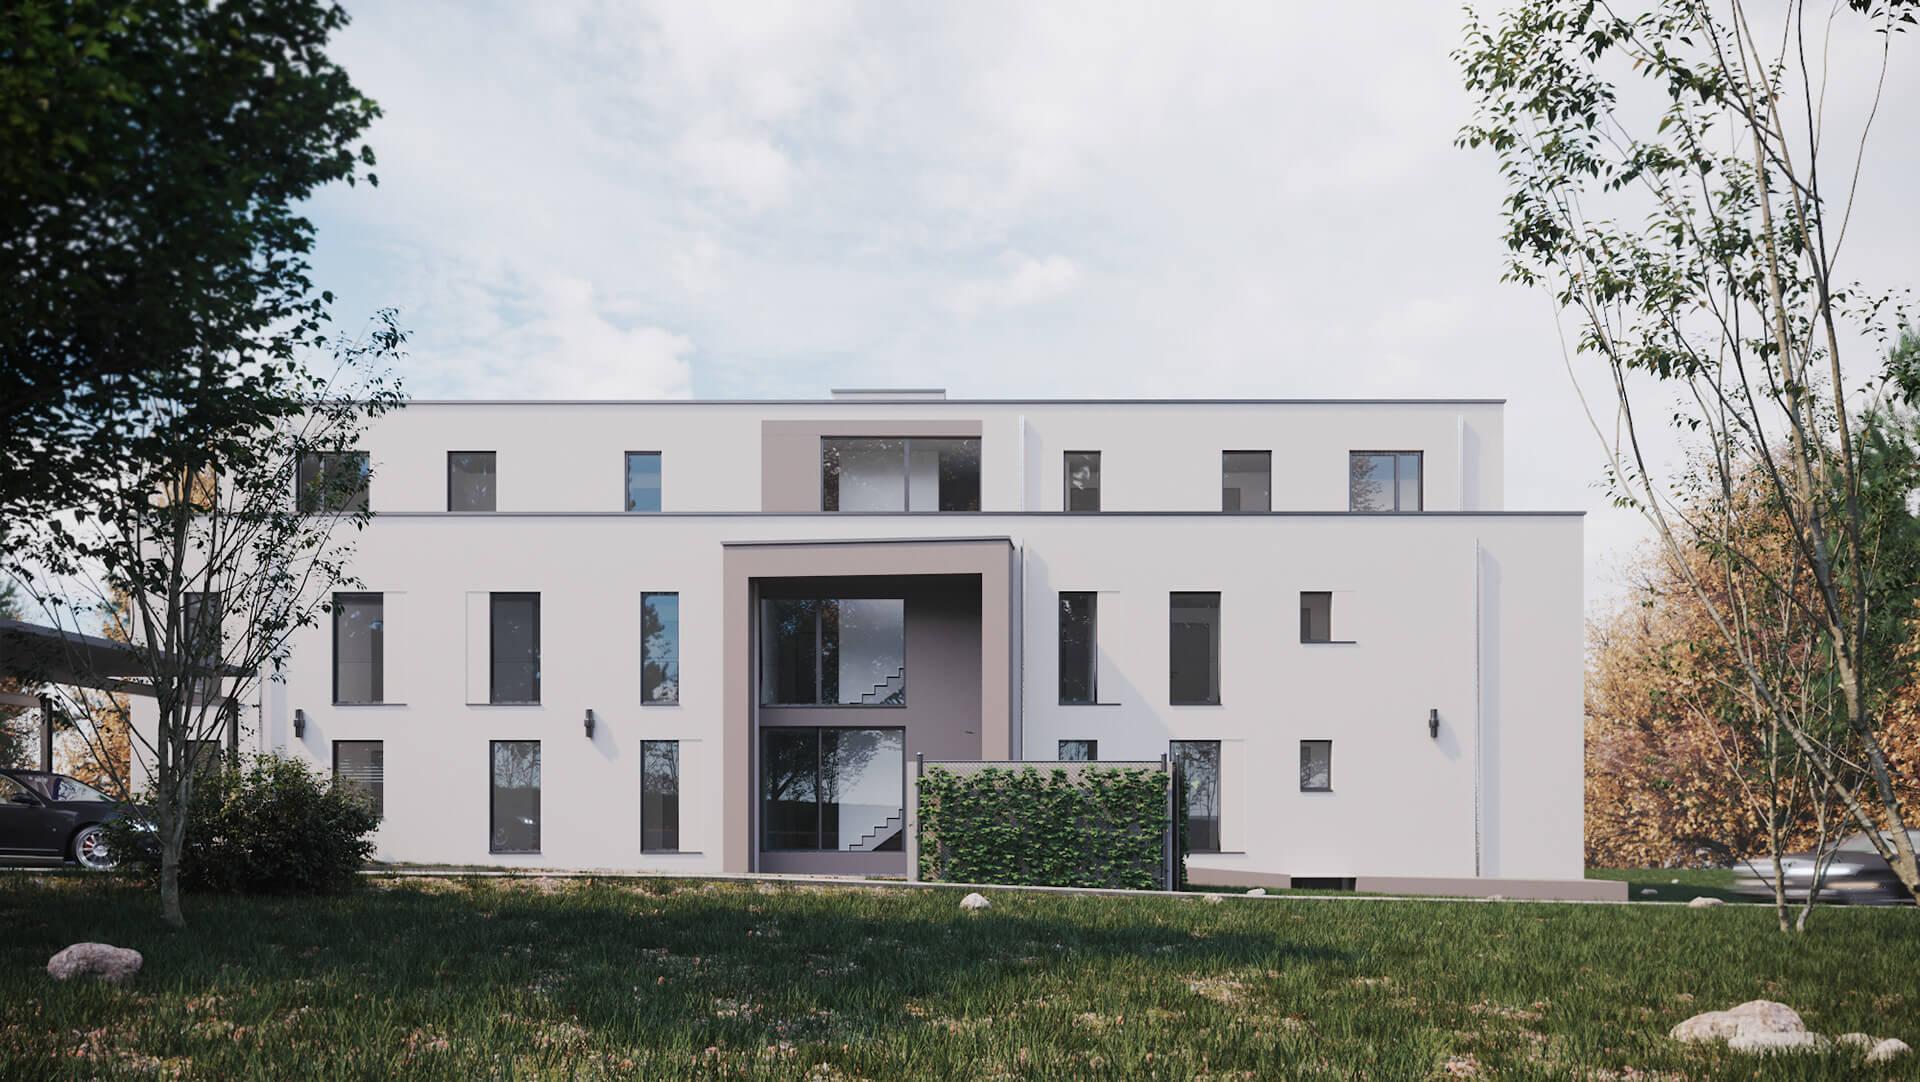 Wohnhäuser schneller verkaufen mit 3D Visualisierungen